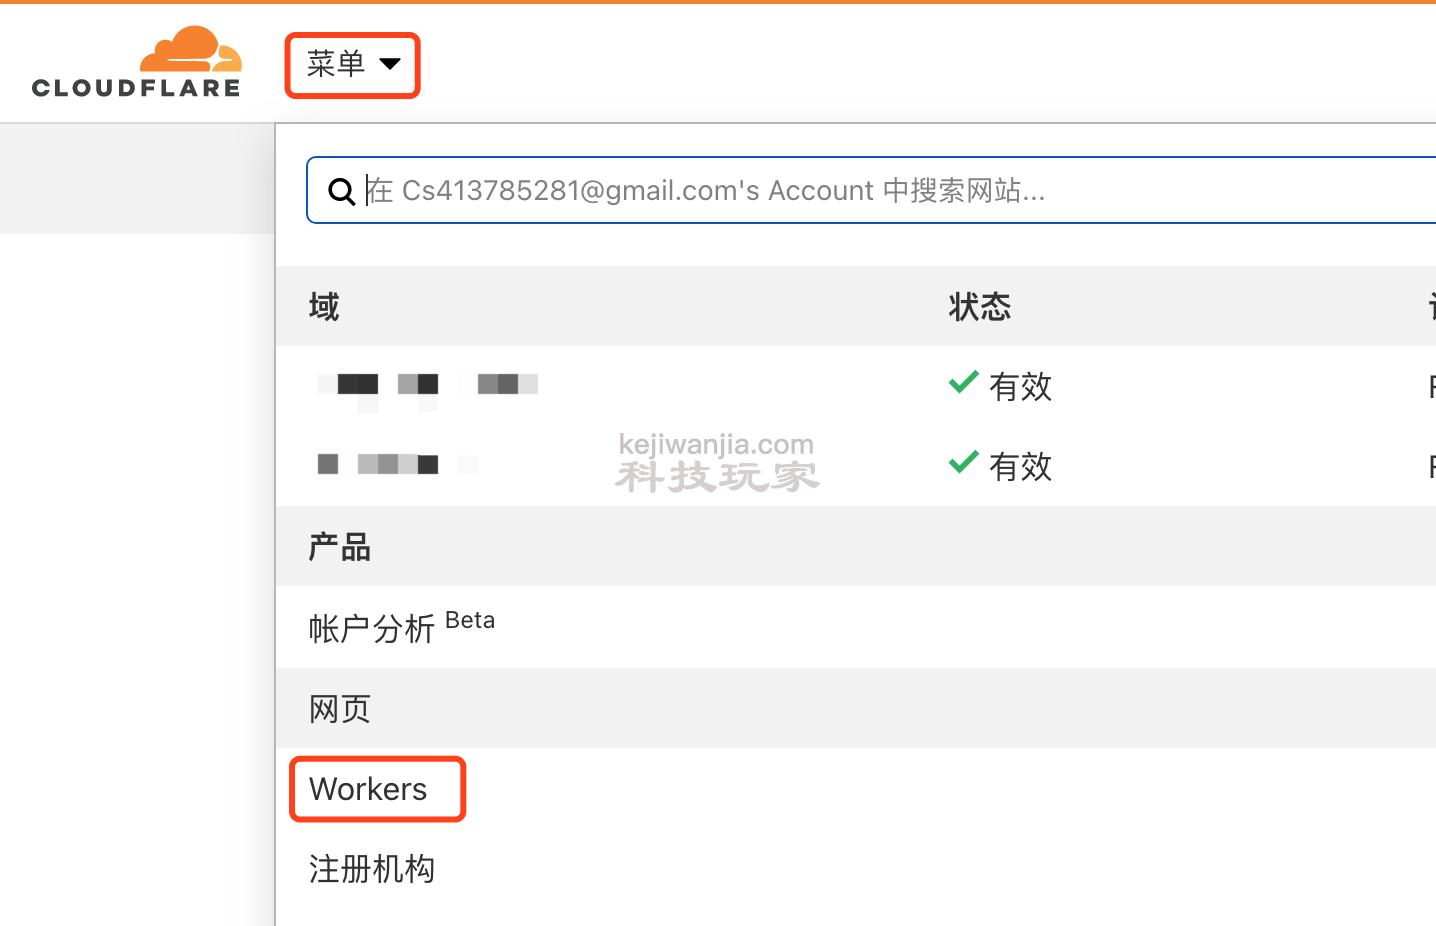 国内服务器/NAS Telegram BOT API无法连通解决方案之CloudFlare Worker 反代